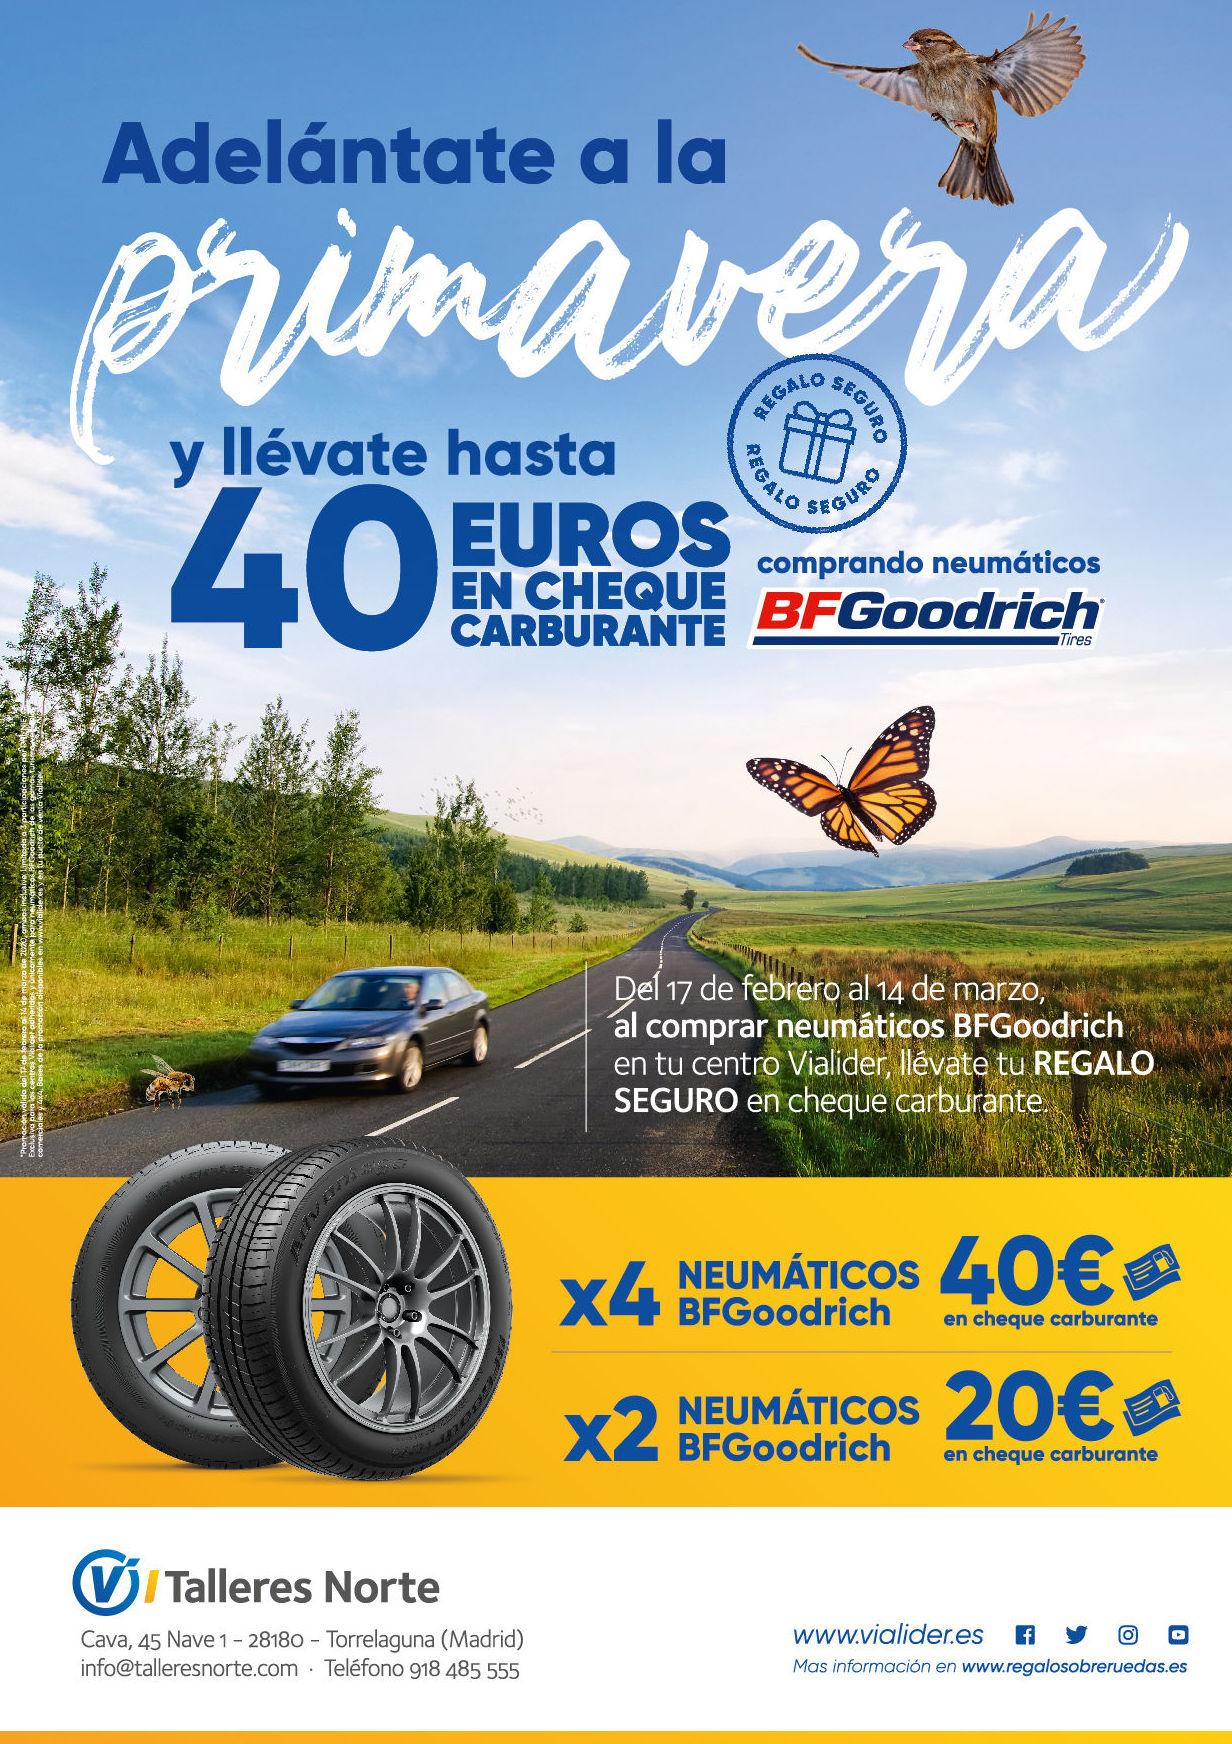 Promoción de neumáticos en Torrelaguna. Talleres Norte